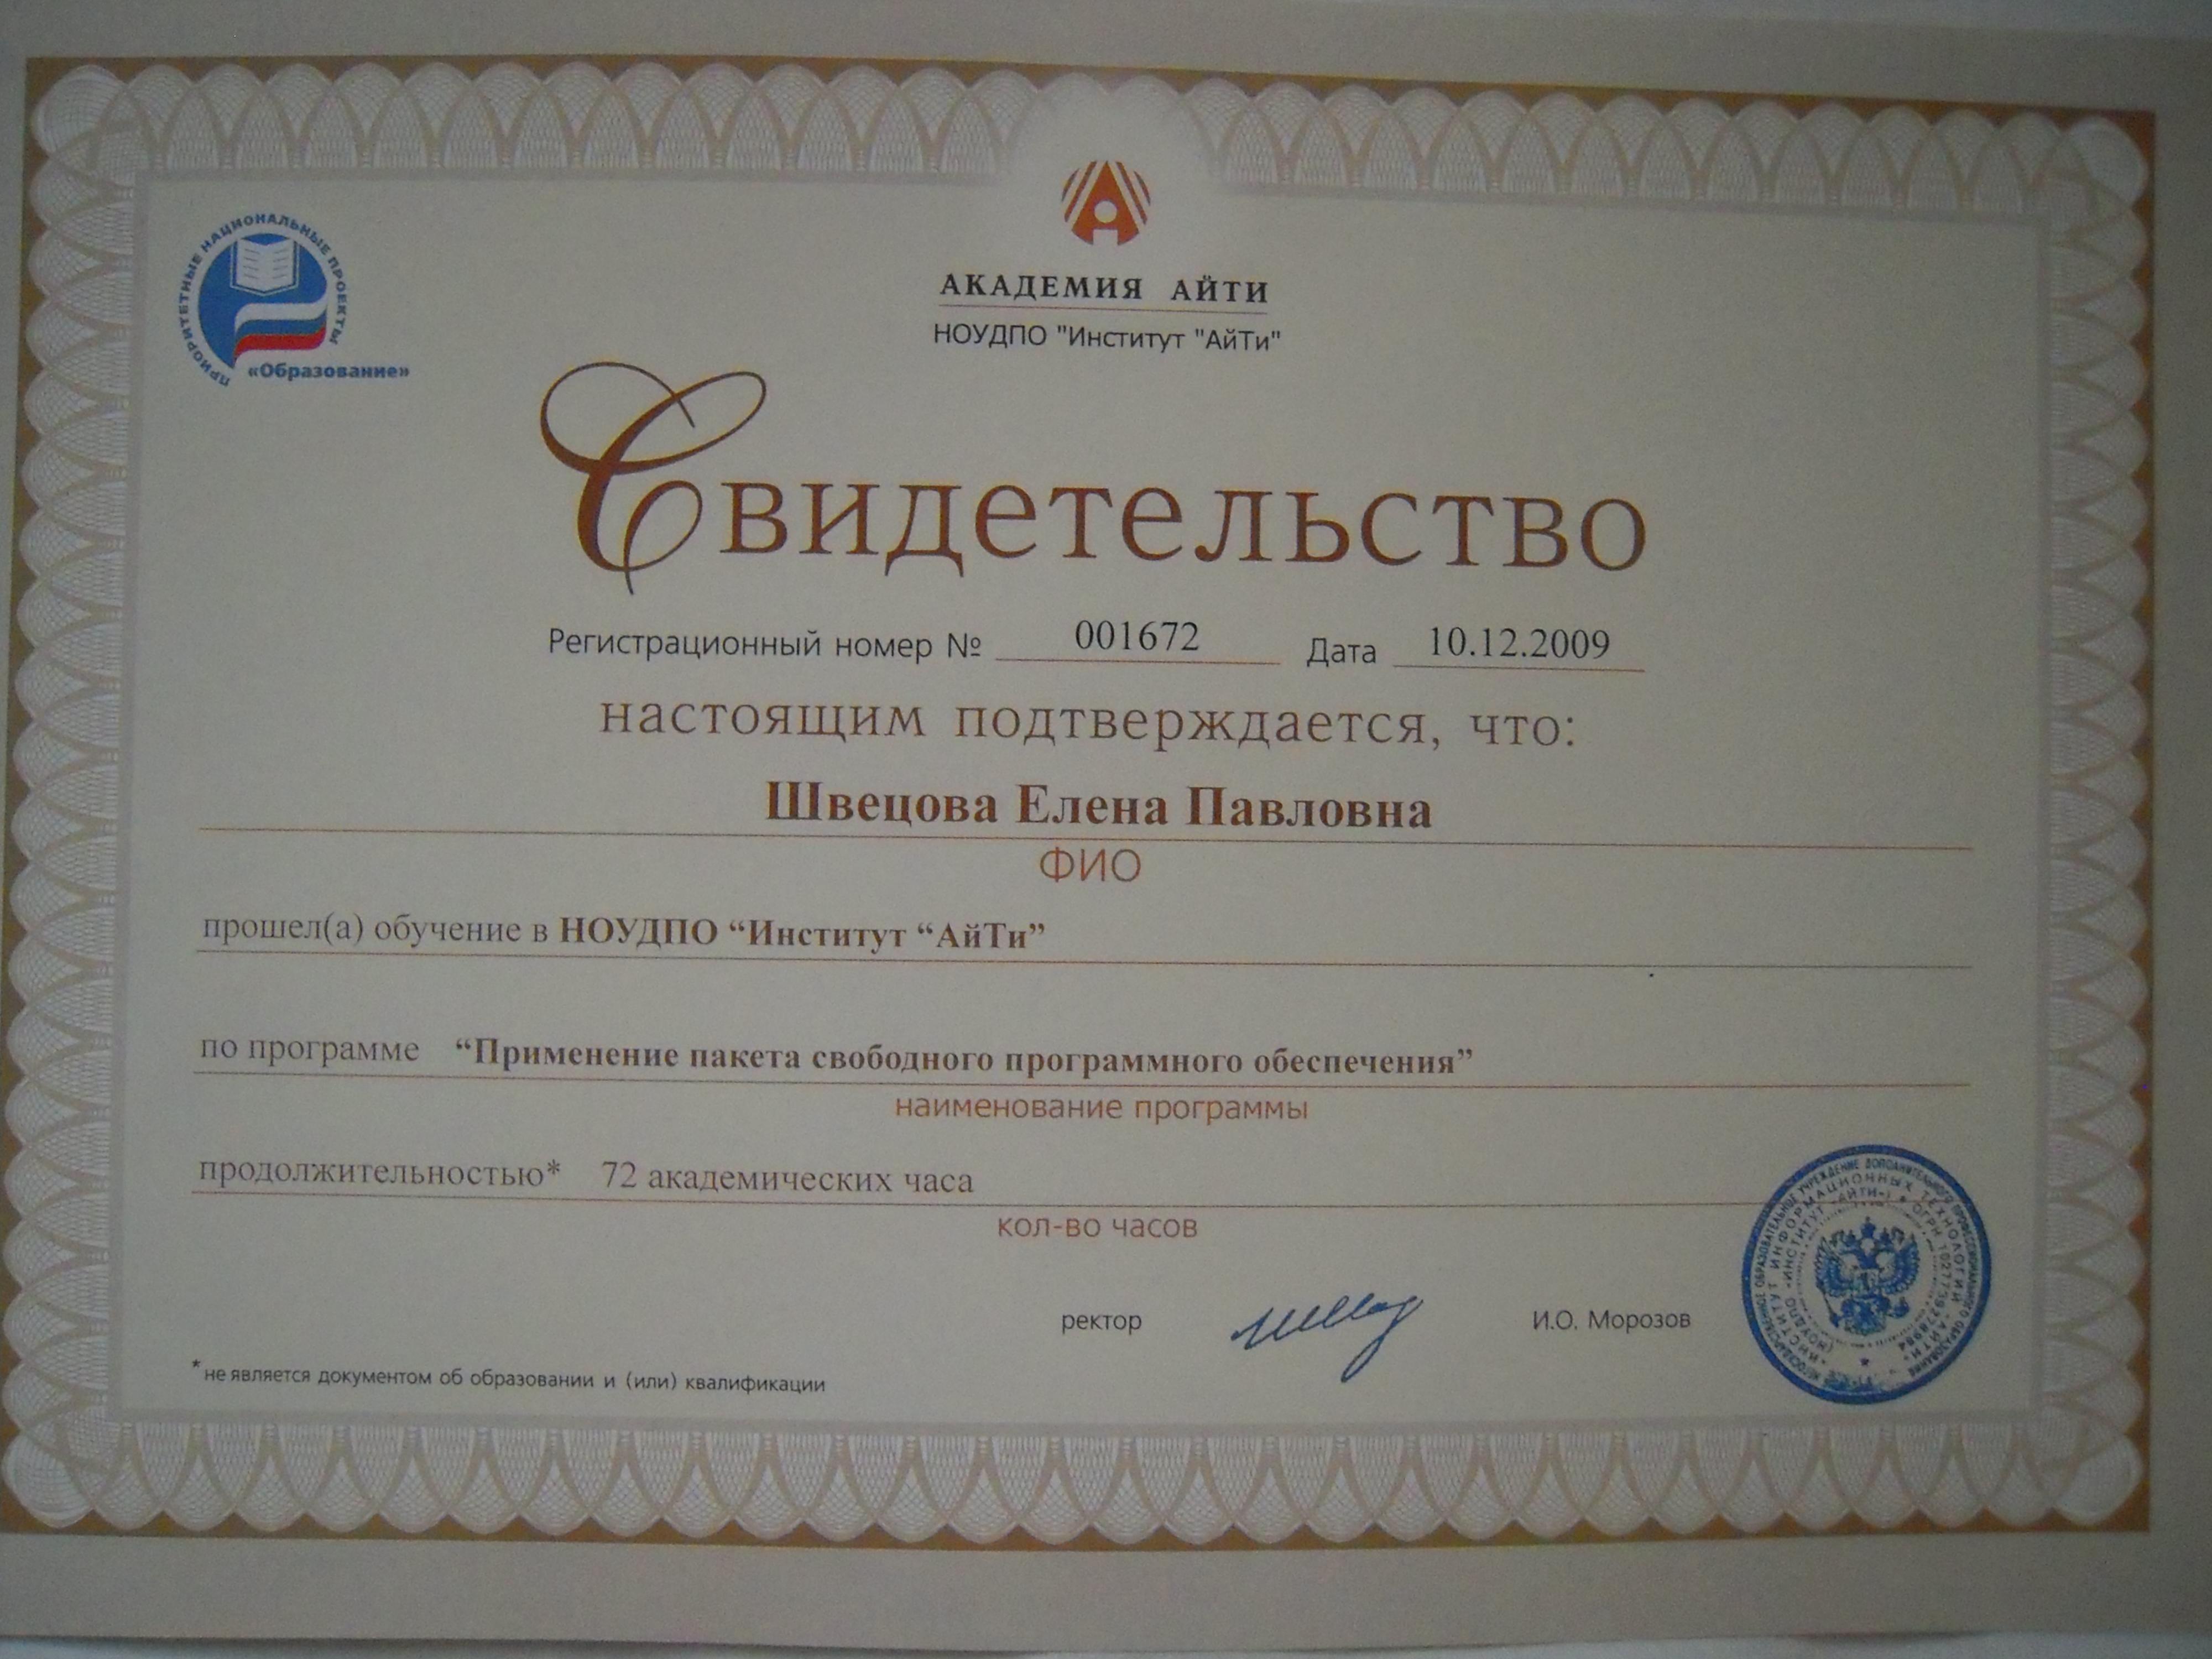 http://elpavl.ucoz.ru/Portfolio/DSCN4840.jpg